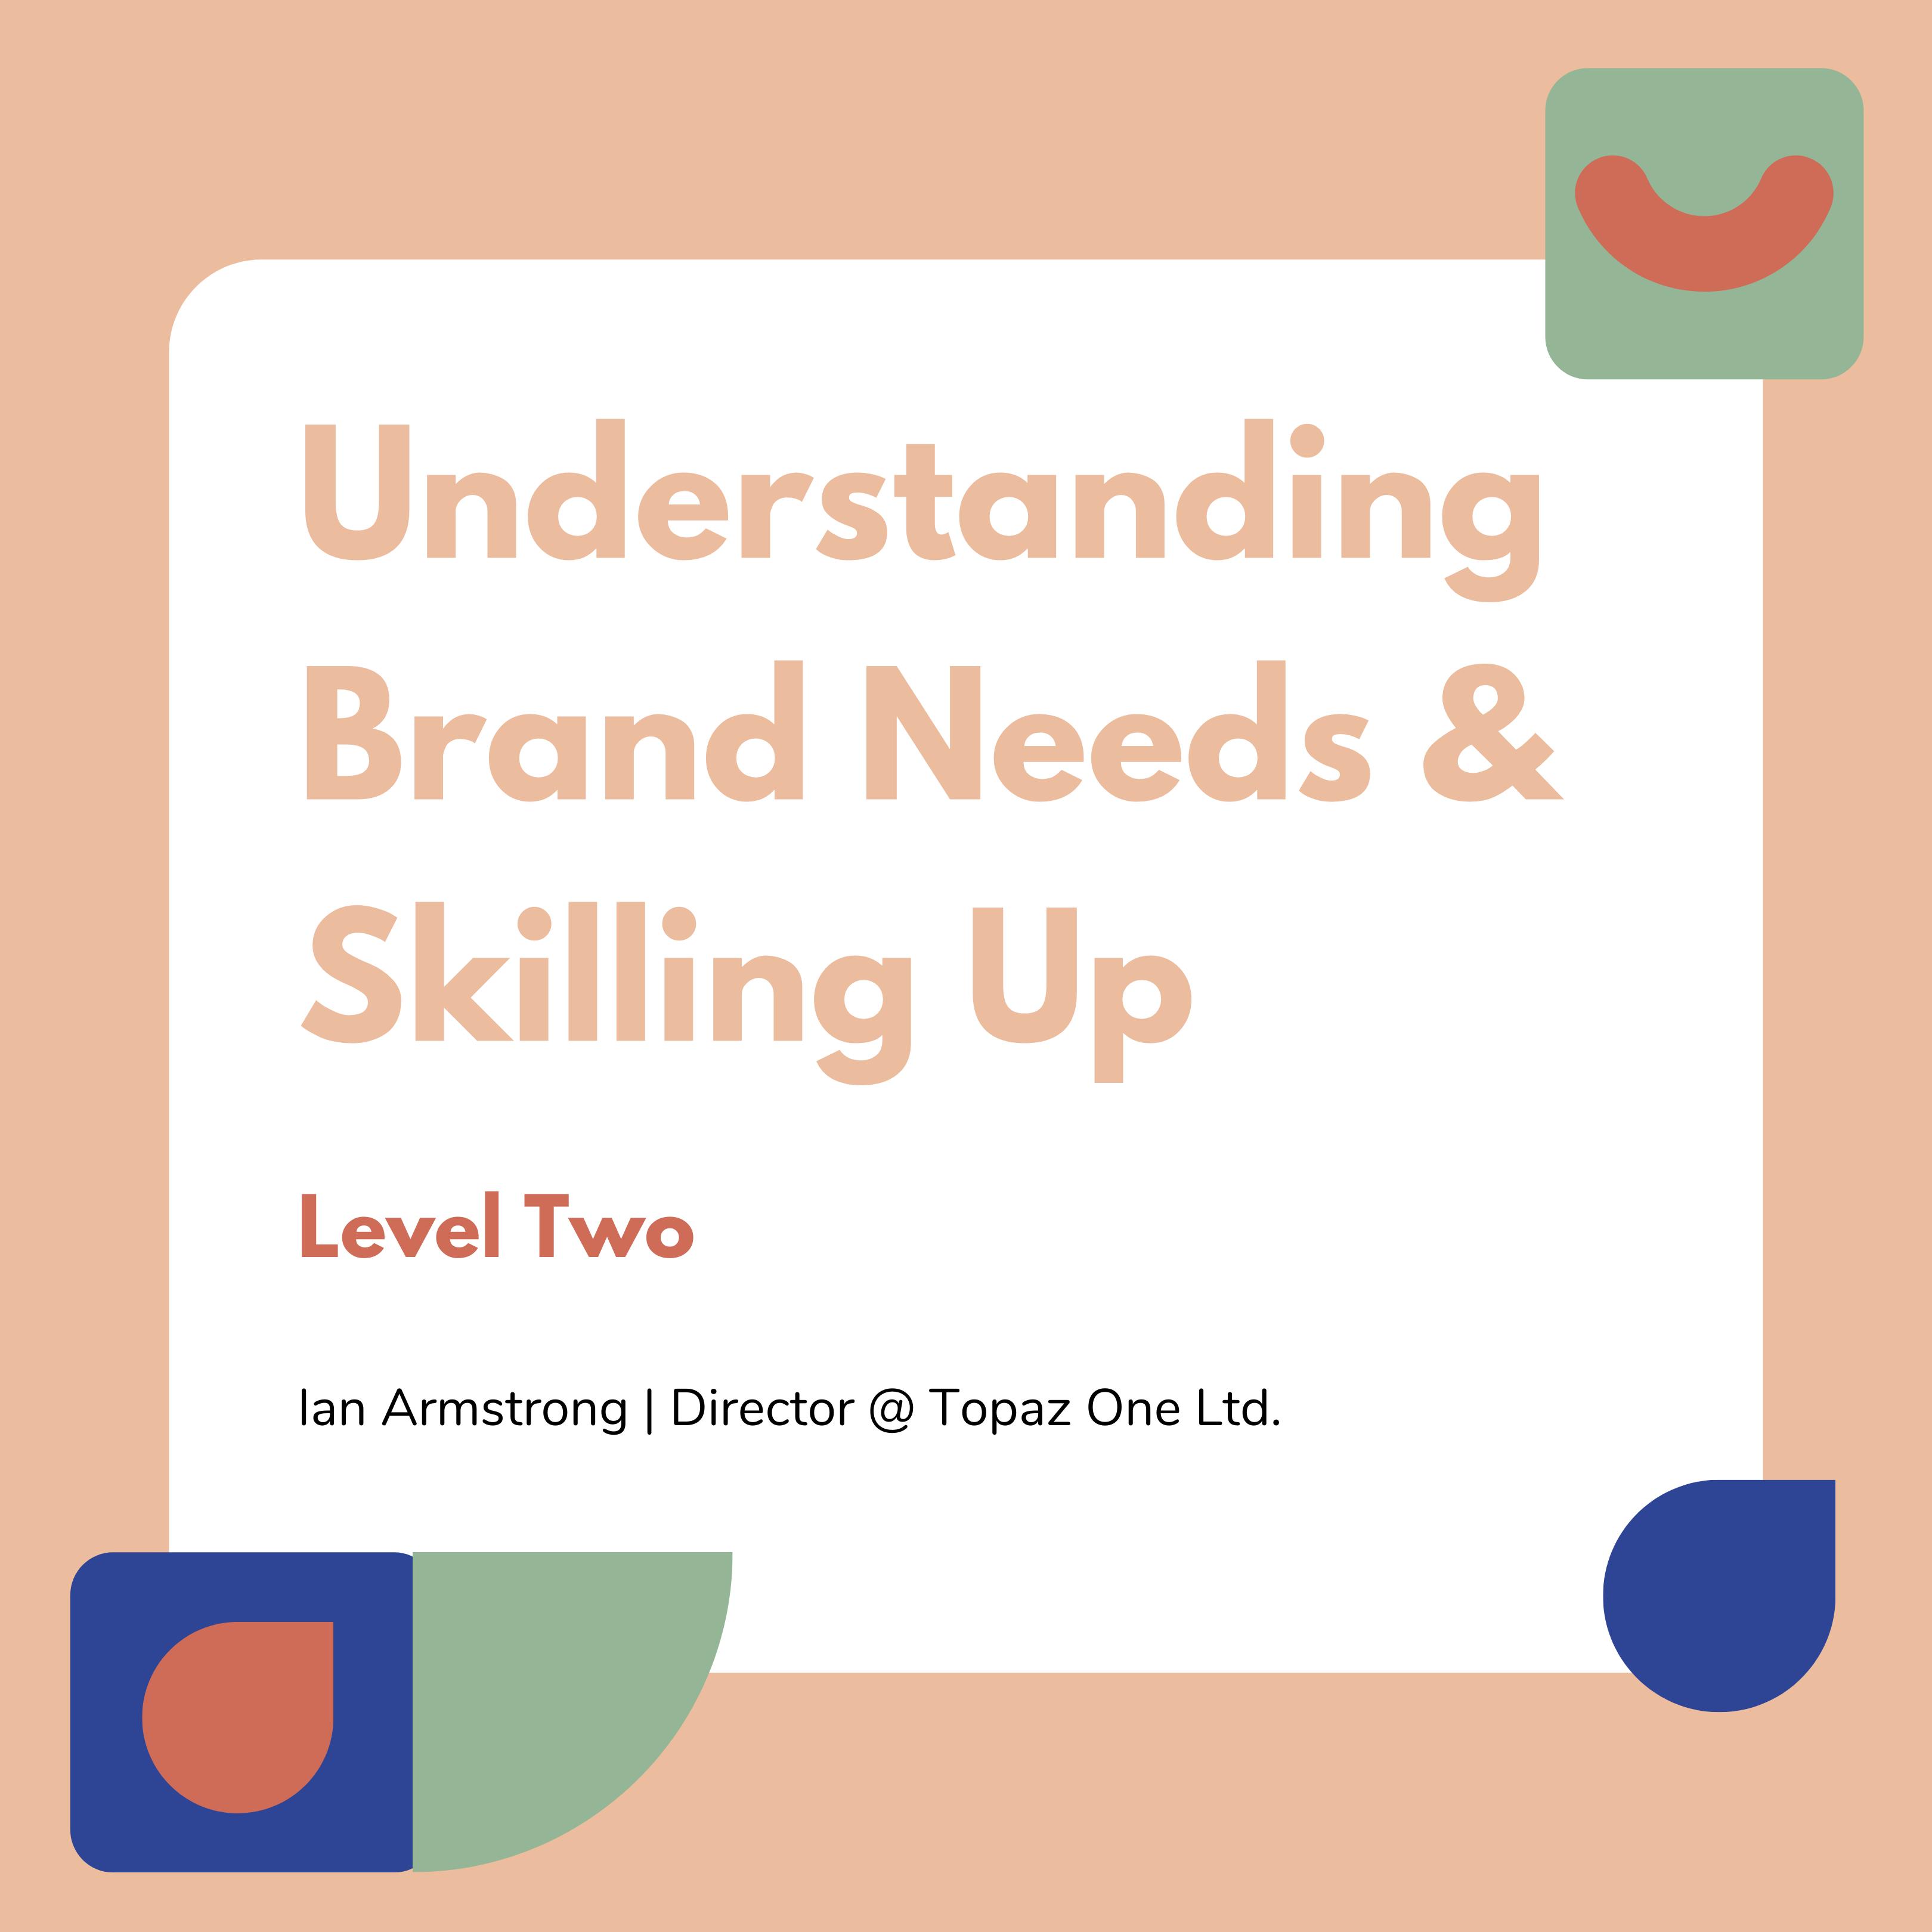 Understanding Brands Needs & Skilling Up